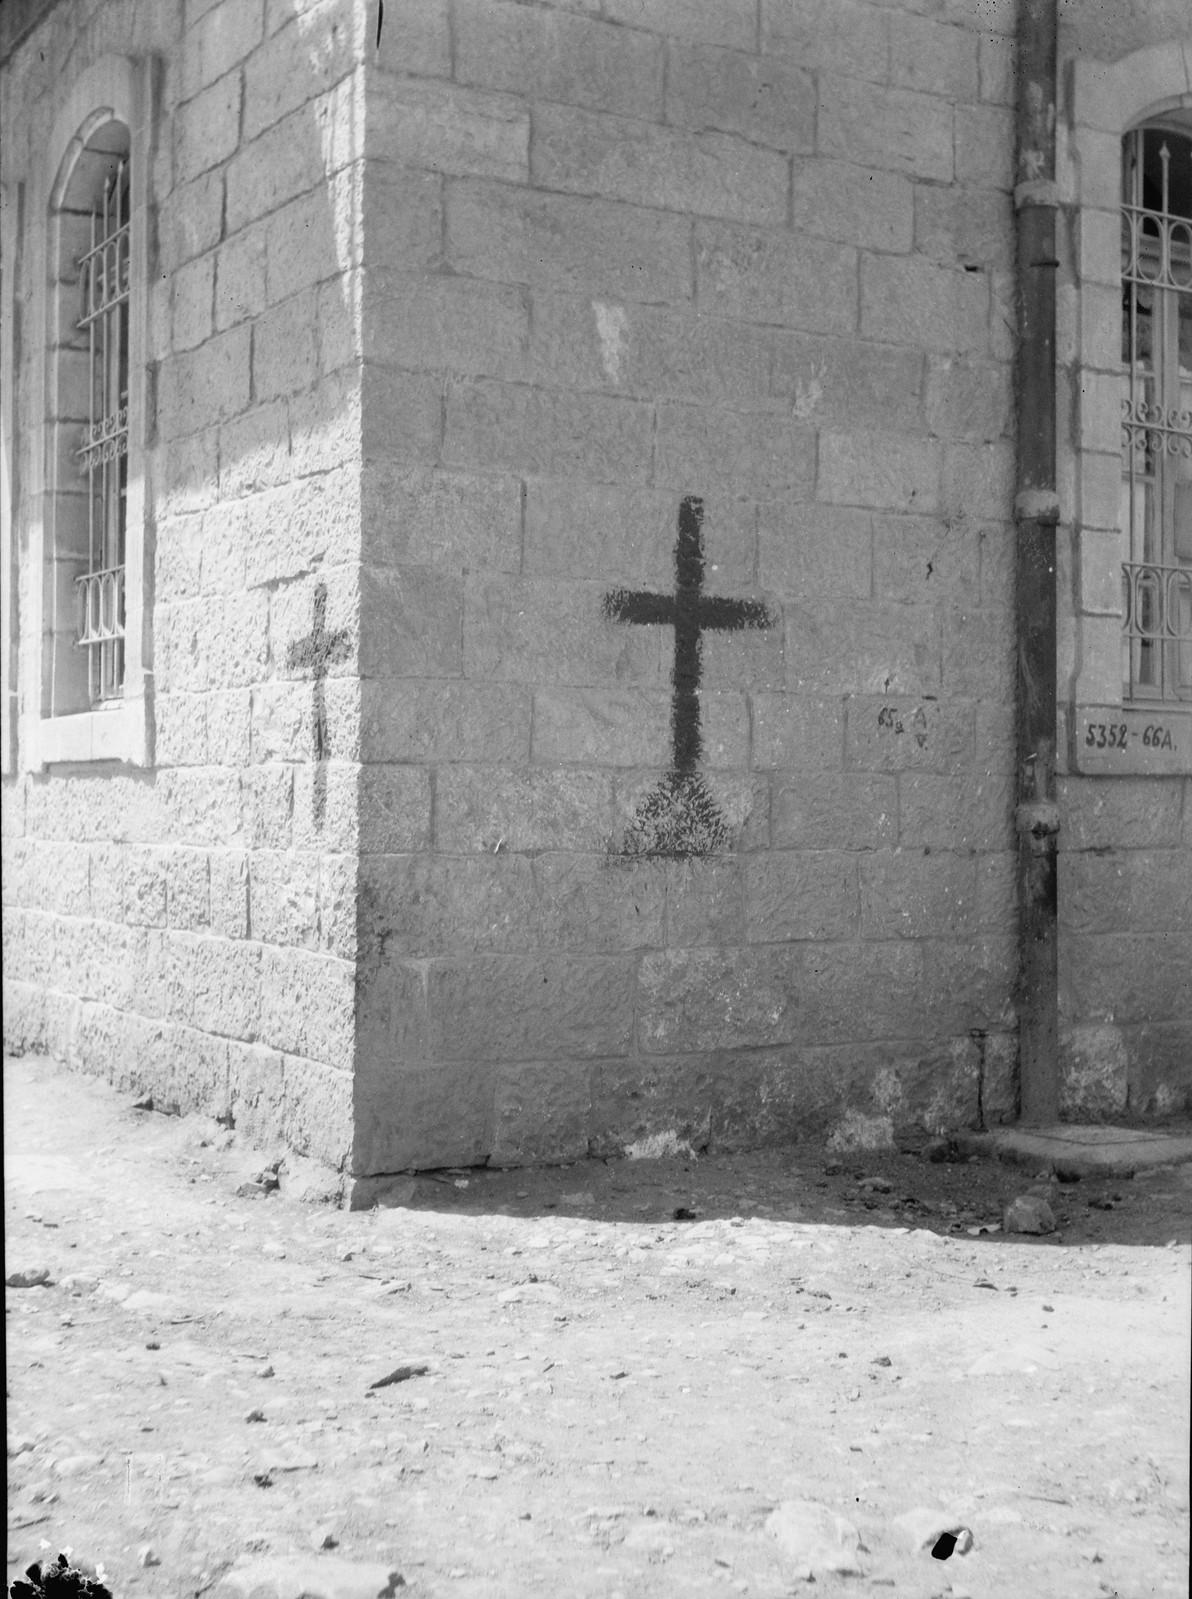 14. 23–31 августа. Иерусалим. Кресты на христианских домах. Отмечено, чтобы не быть ошибочно принятым за евреев